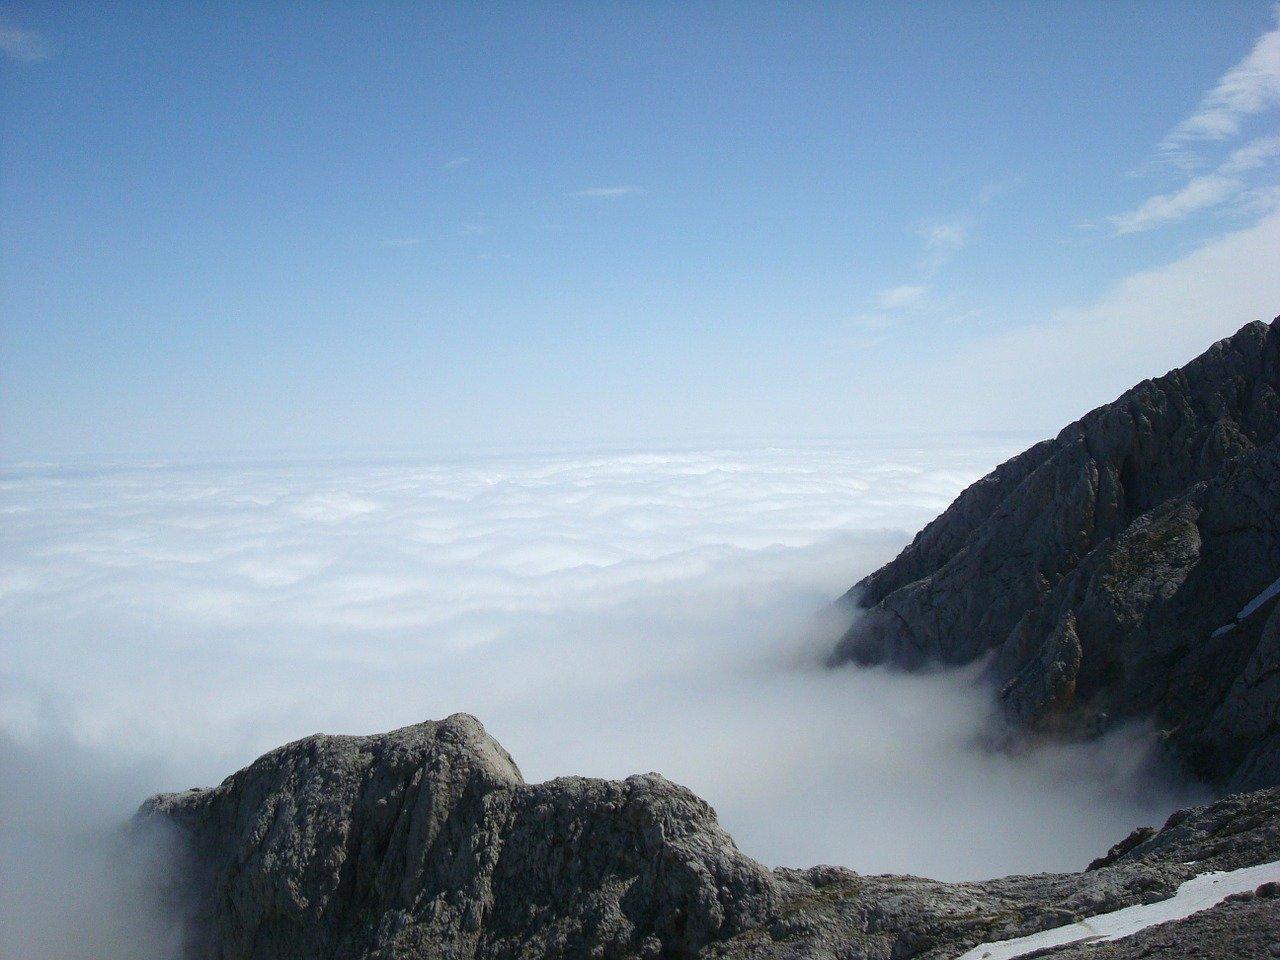 Betekenis Hemelvaart wolken